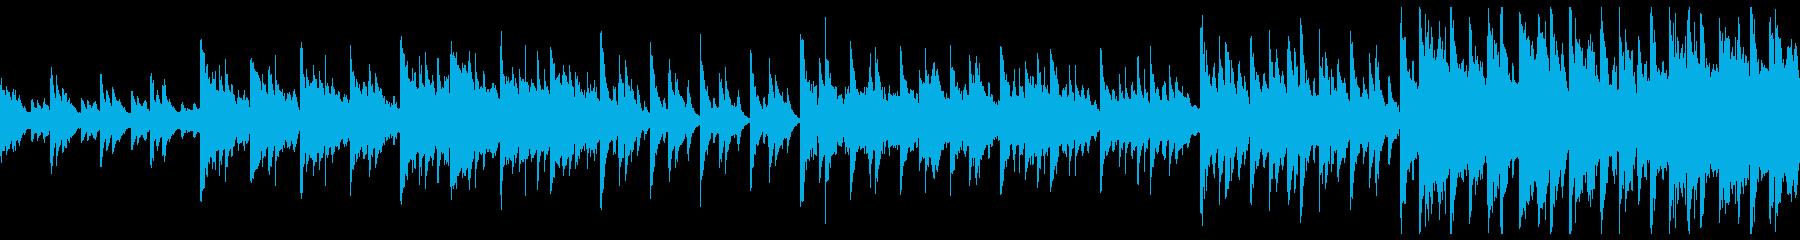 ゆったりとした和風の癒し系楽曲の再生済みの波形